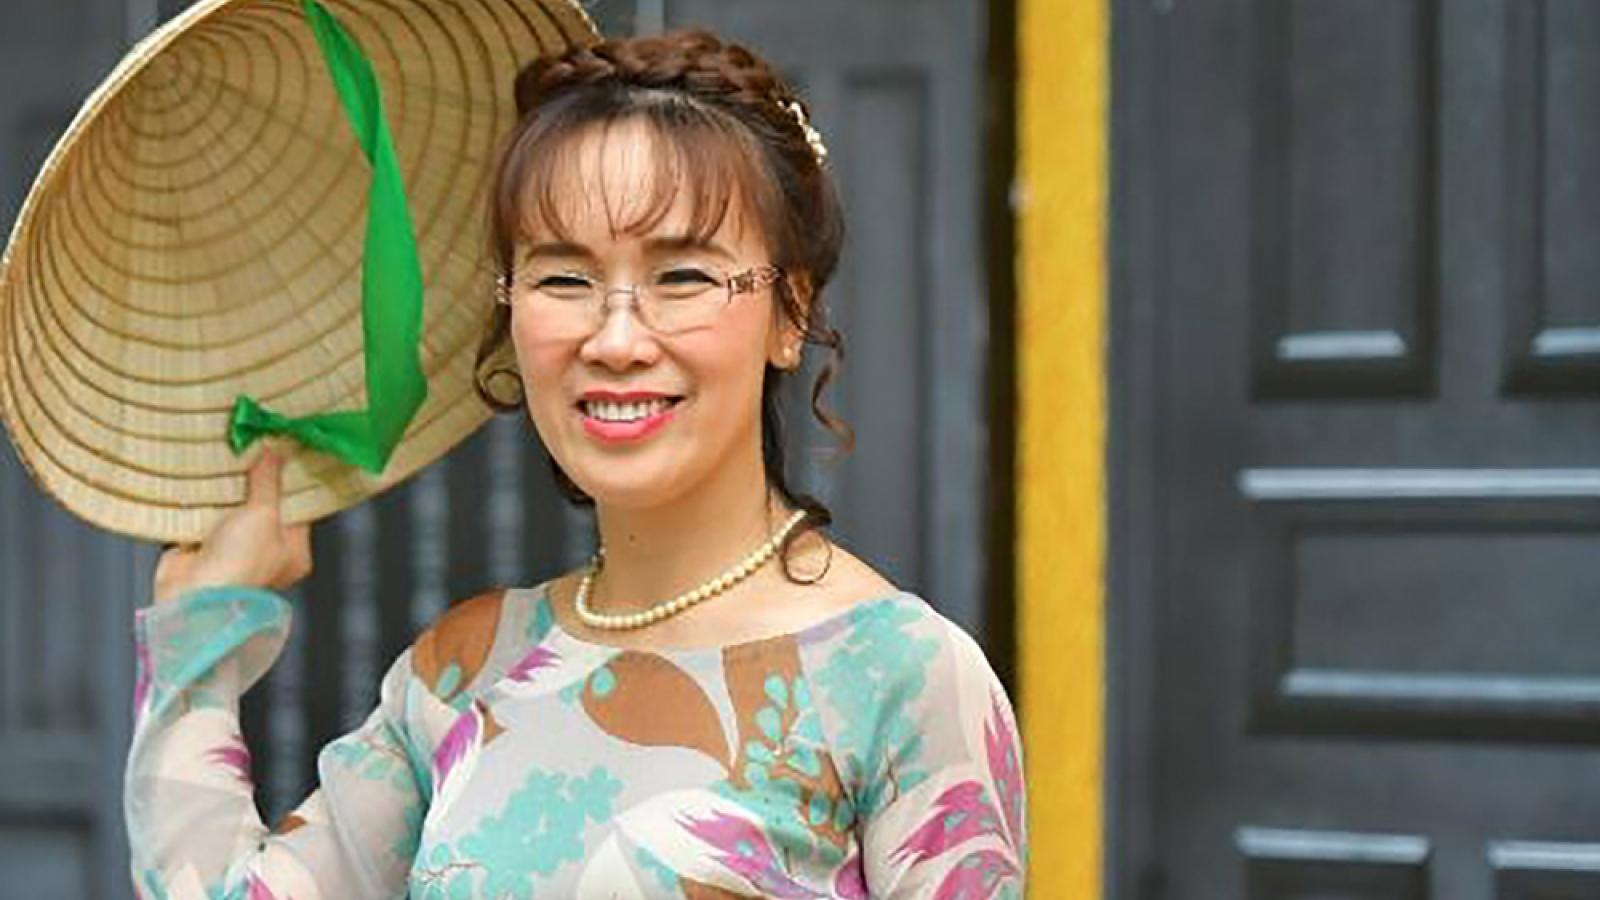 Nữ tỷ phú đang nổi danh trên thương trường Việt là ai?